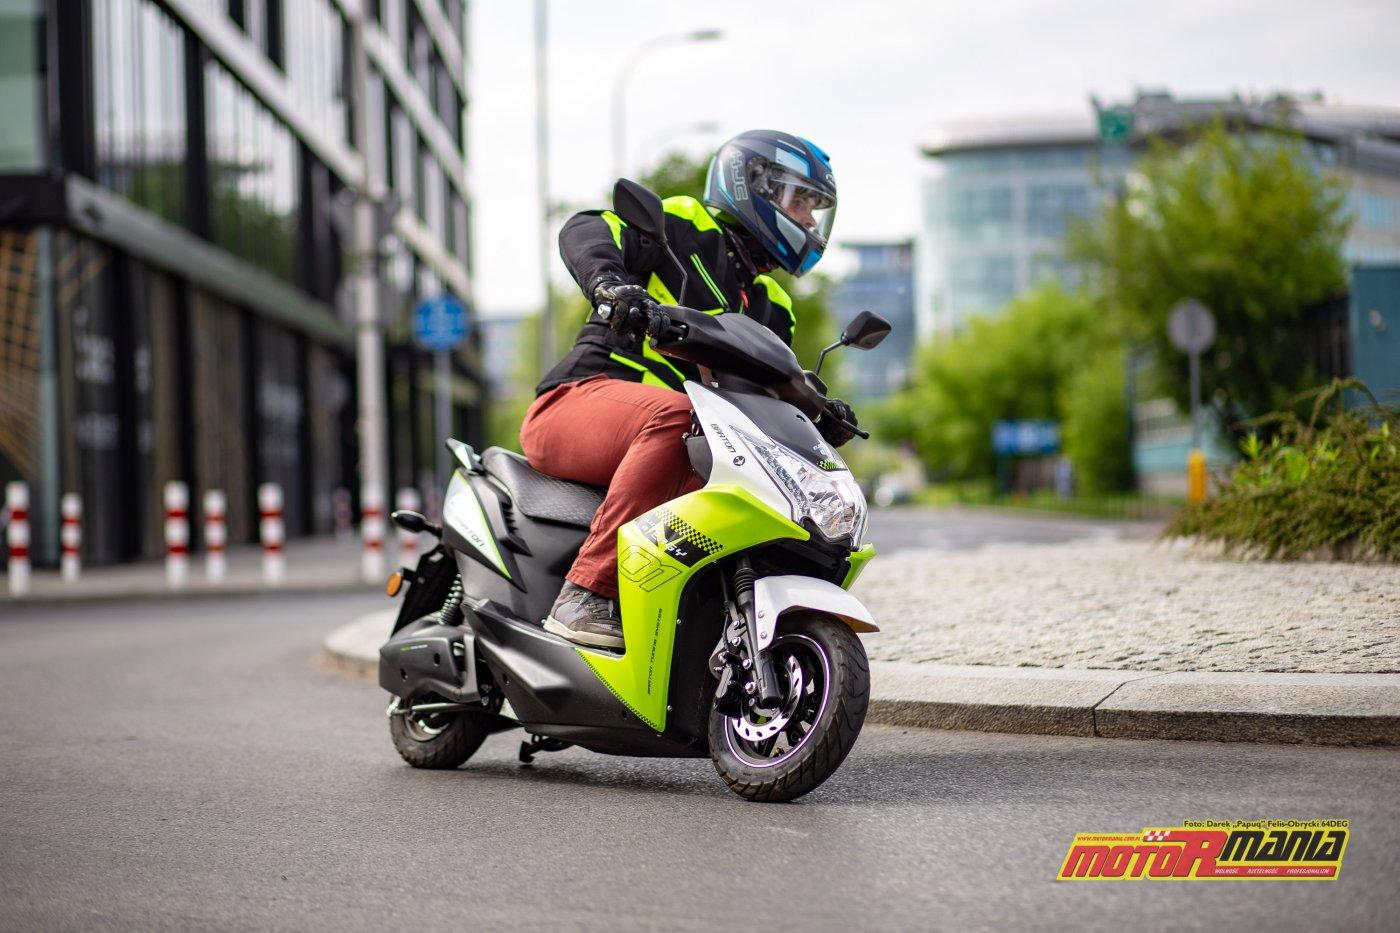 Barton Eko Energy - test MotoRmania - fot Darek Papug Felis-Obrycki (12)